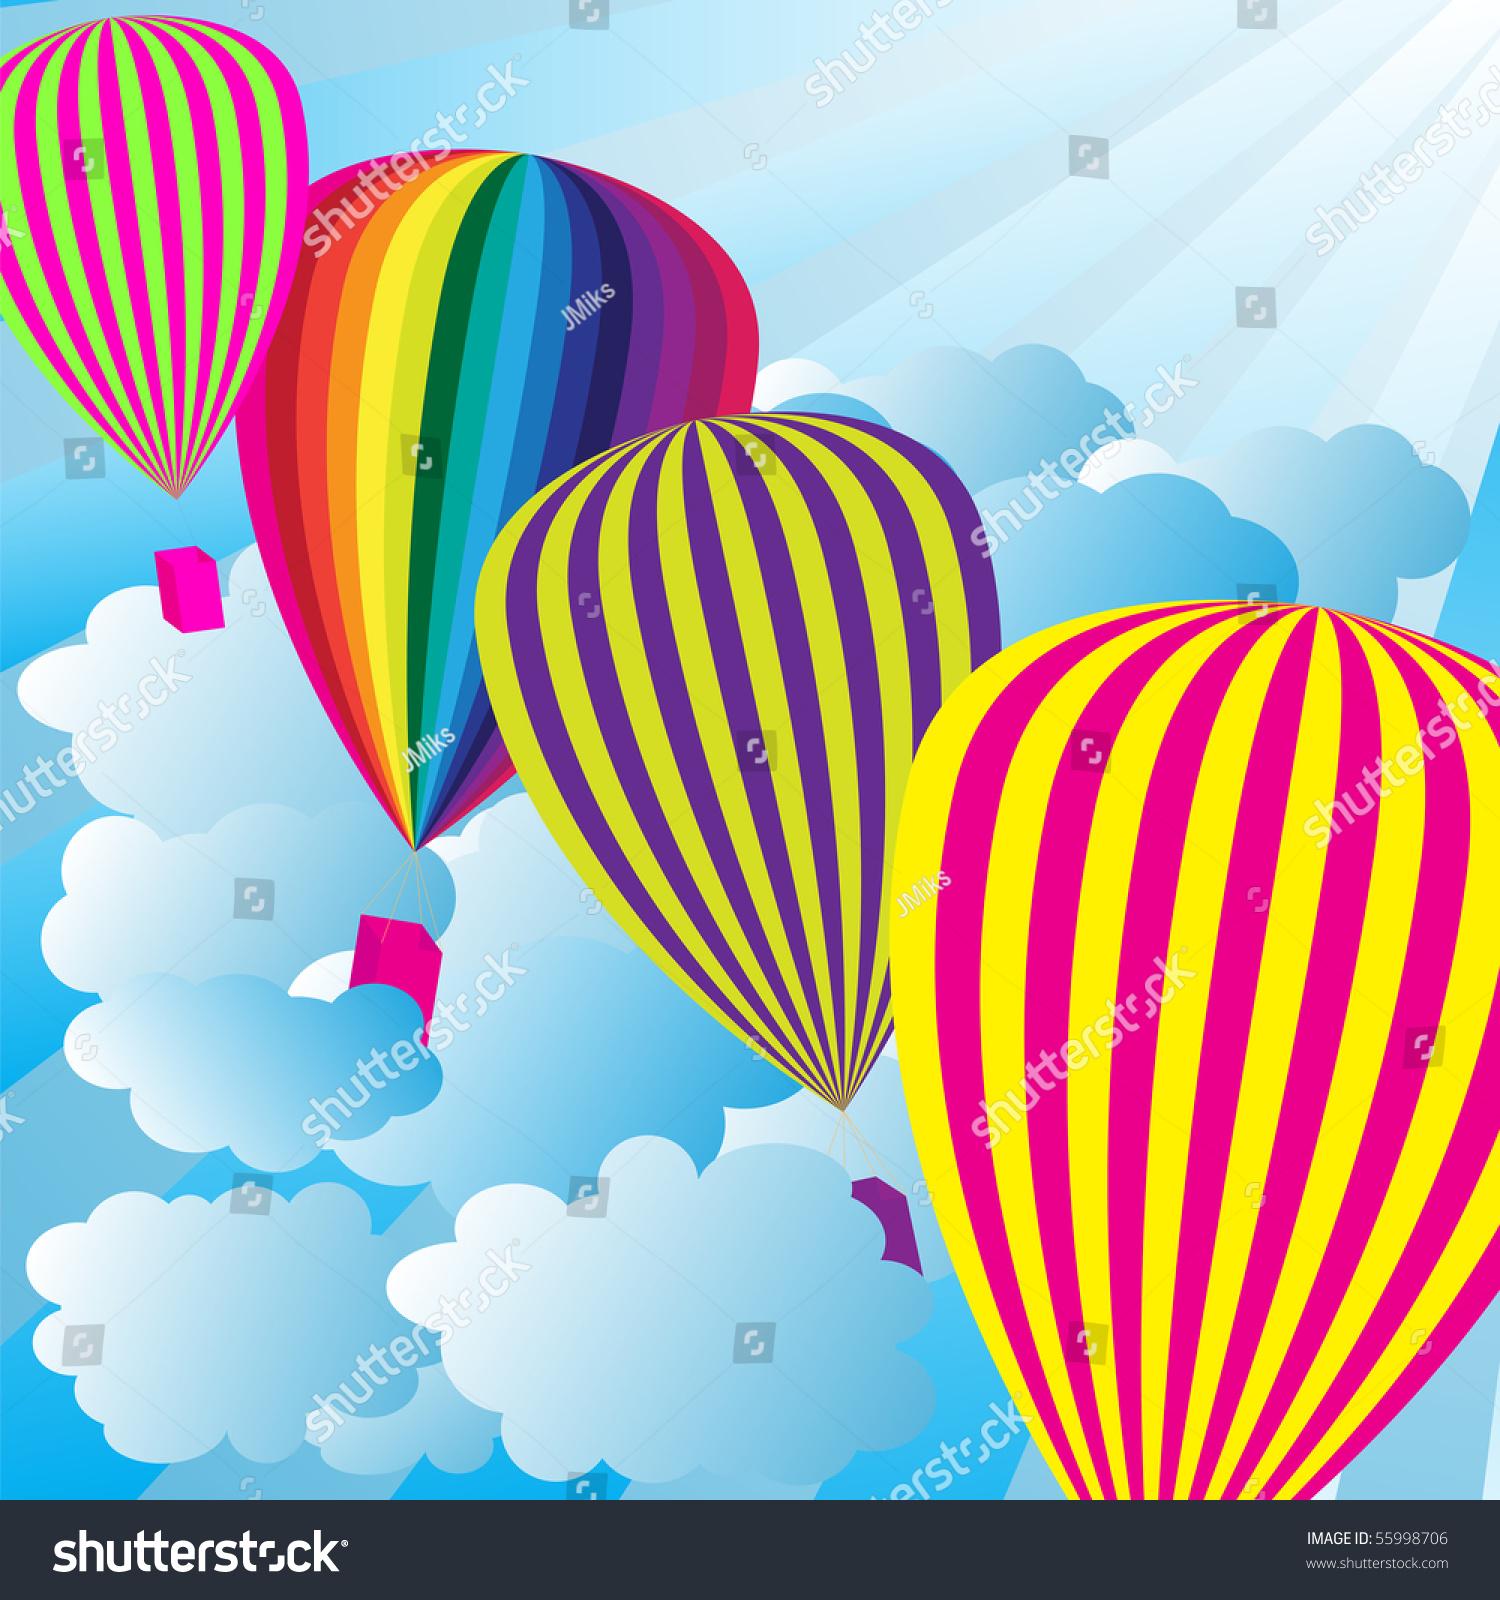 夏天的天空热气球-背景/素材,插图/剪贴图-海洛创意()图片